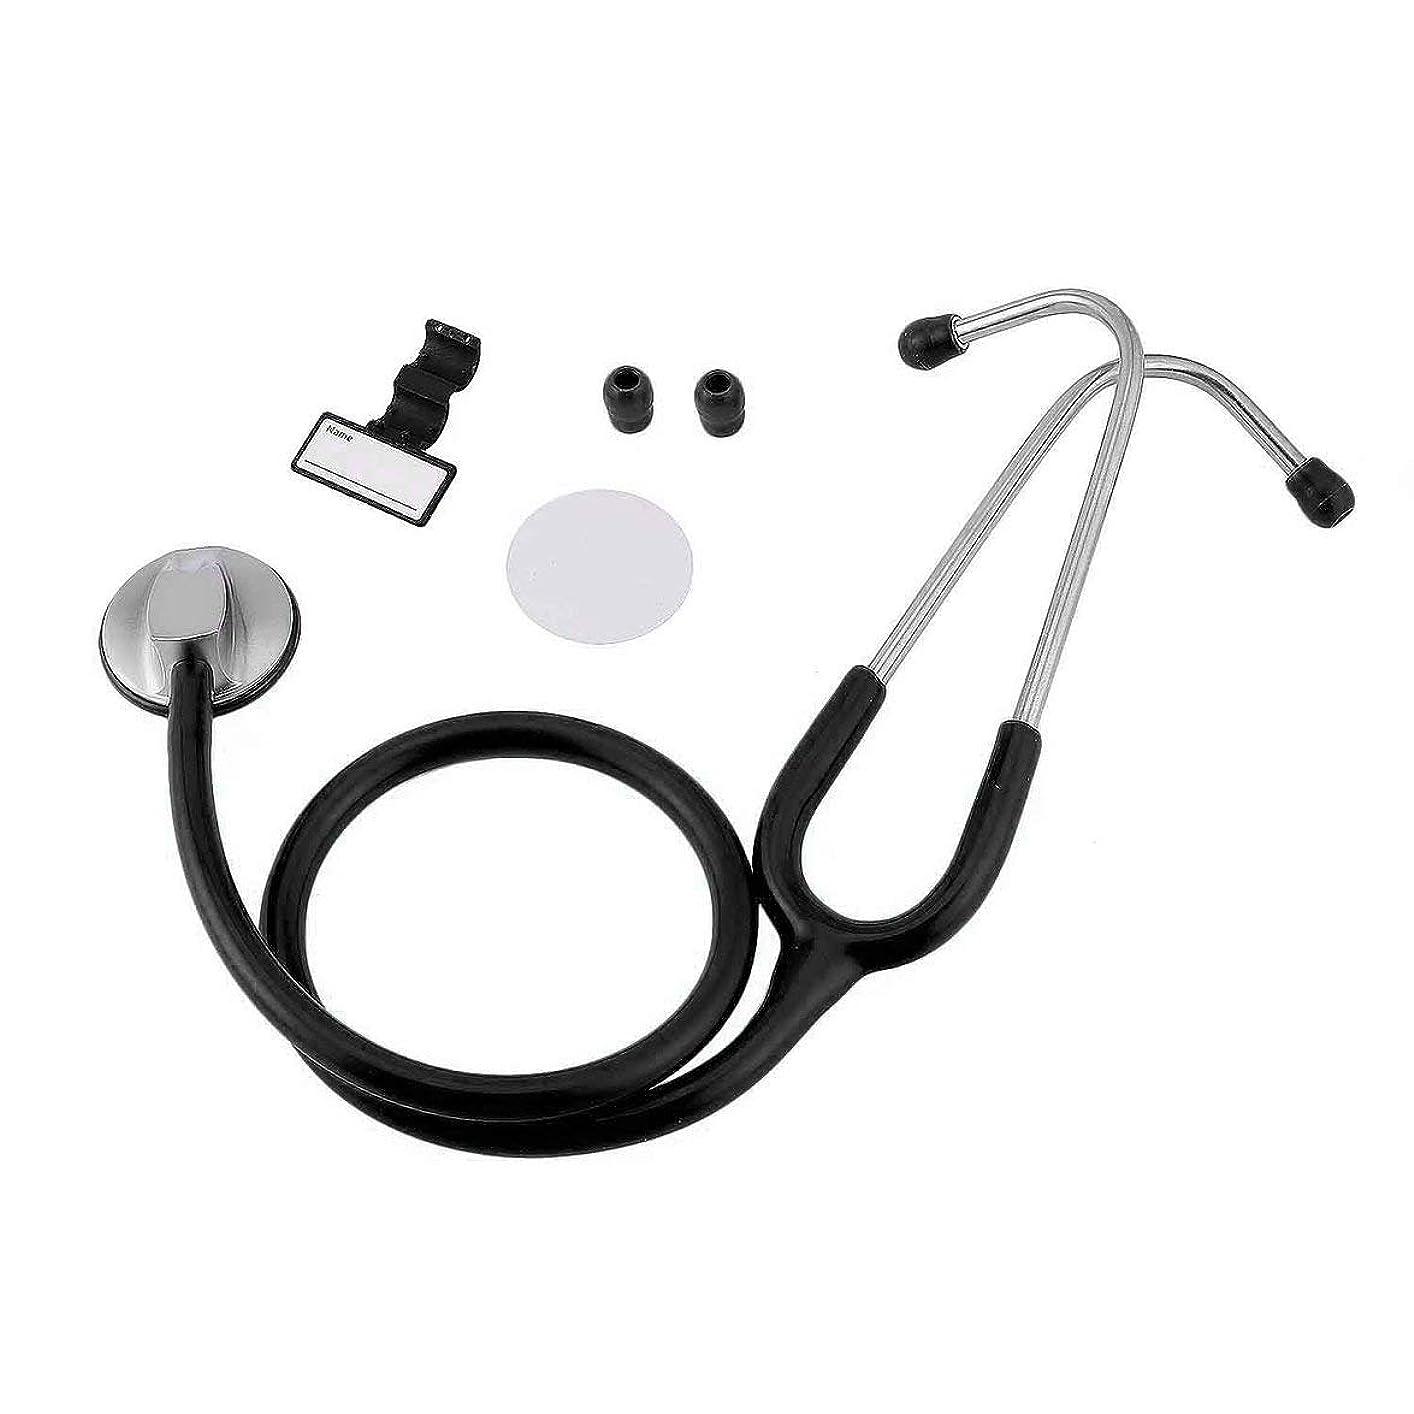 囲いに慣れレパートリーintercorey聴診器ポータブルフラットヘッド聴診器医療聴診器用具救助妊娠赤ちゃん聴診器医師医療ヘルスケア